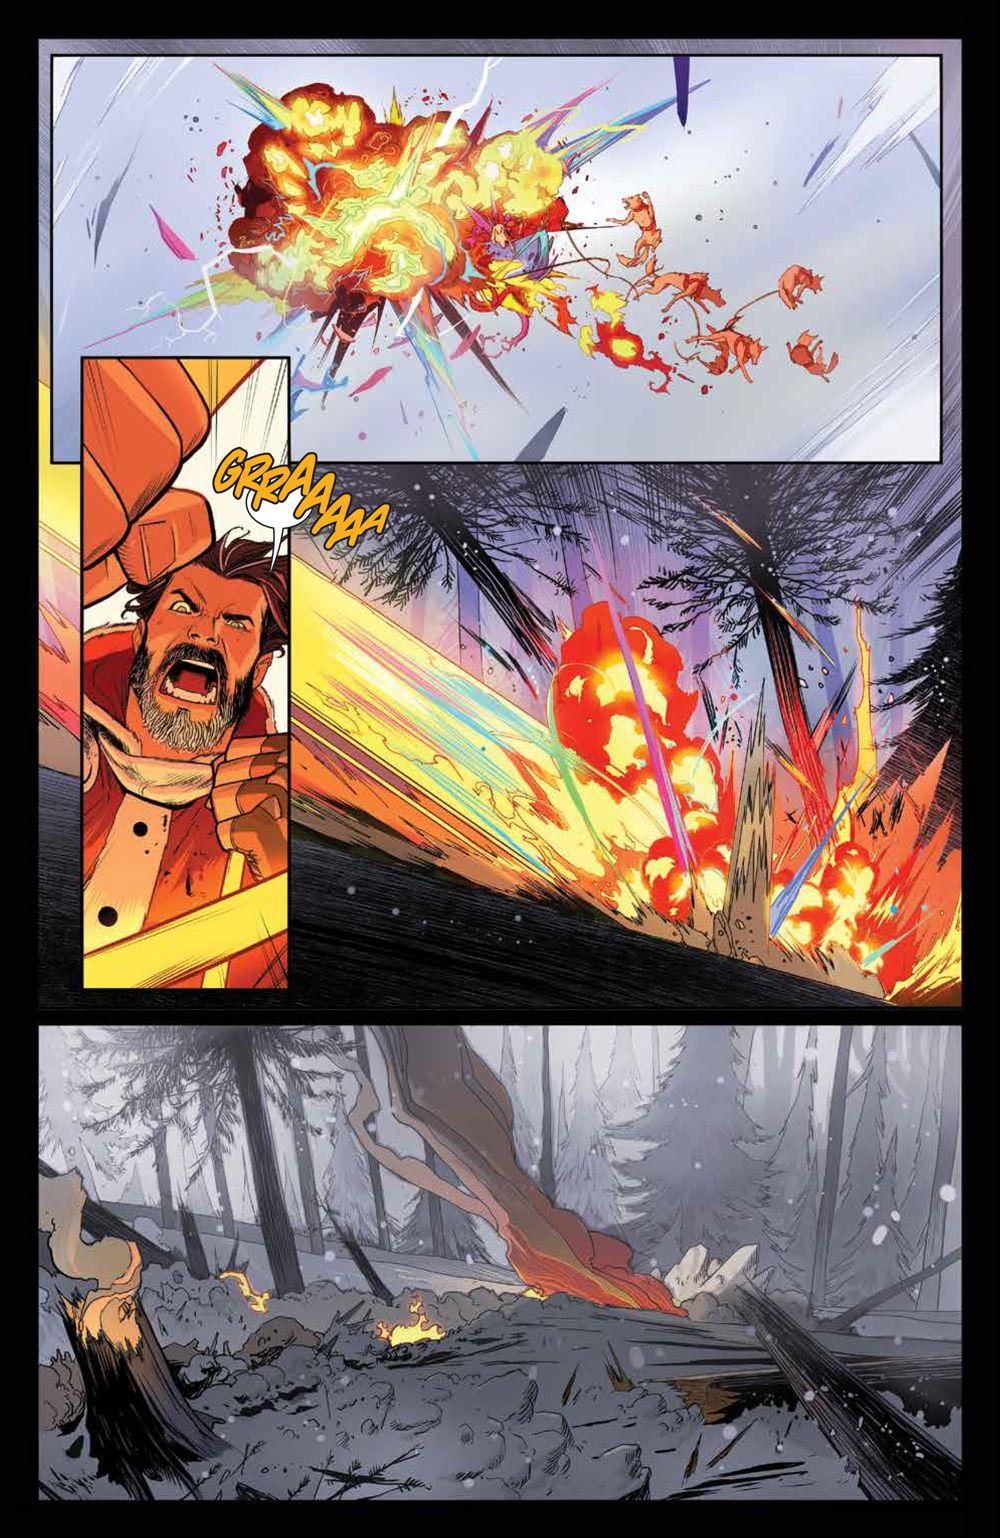 Klaus_NewAdventures_SC_PRESS_19 ComicList Previews: KLAUS THE NEW ADVENTURES OF SANTA CLAUS GN